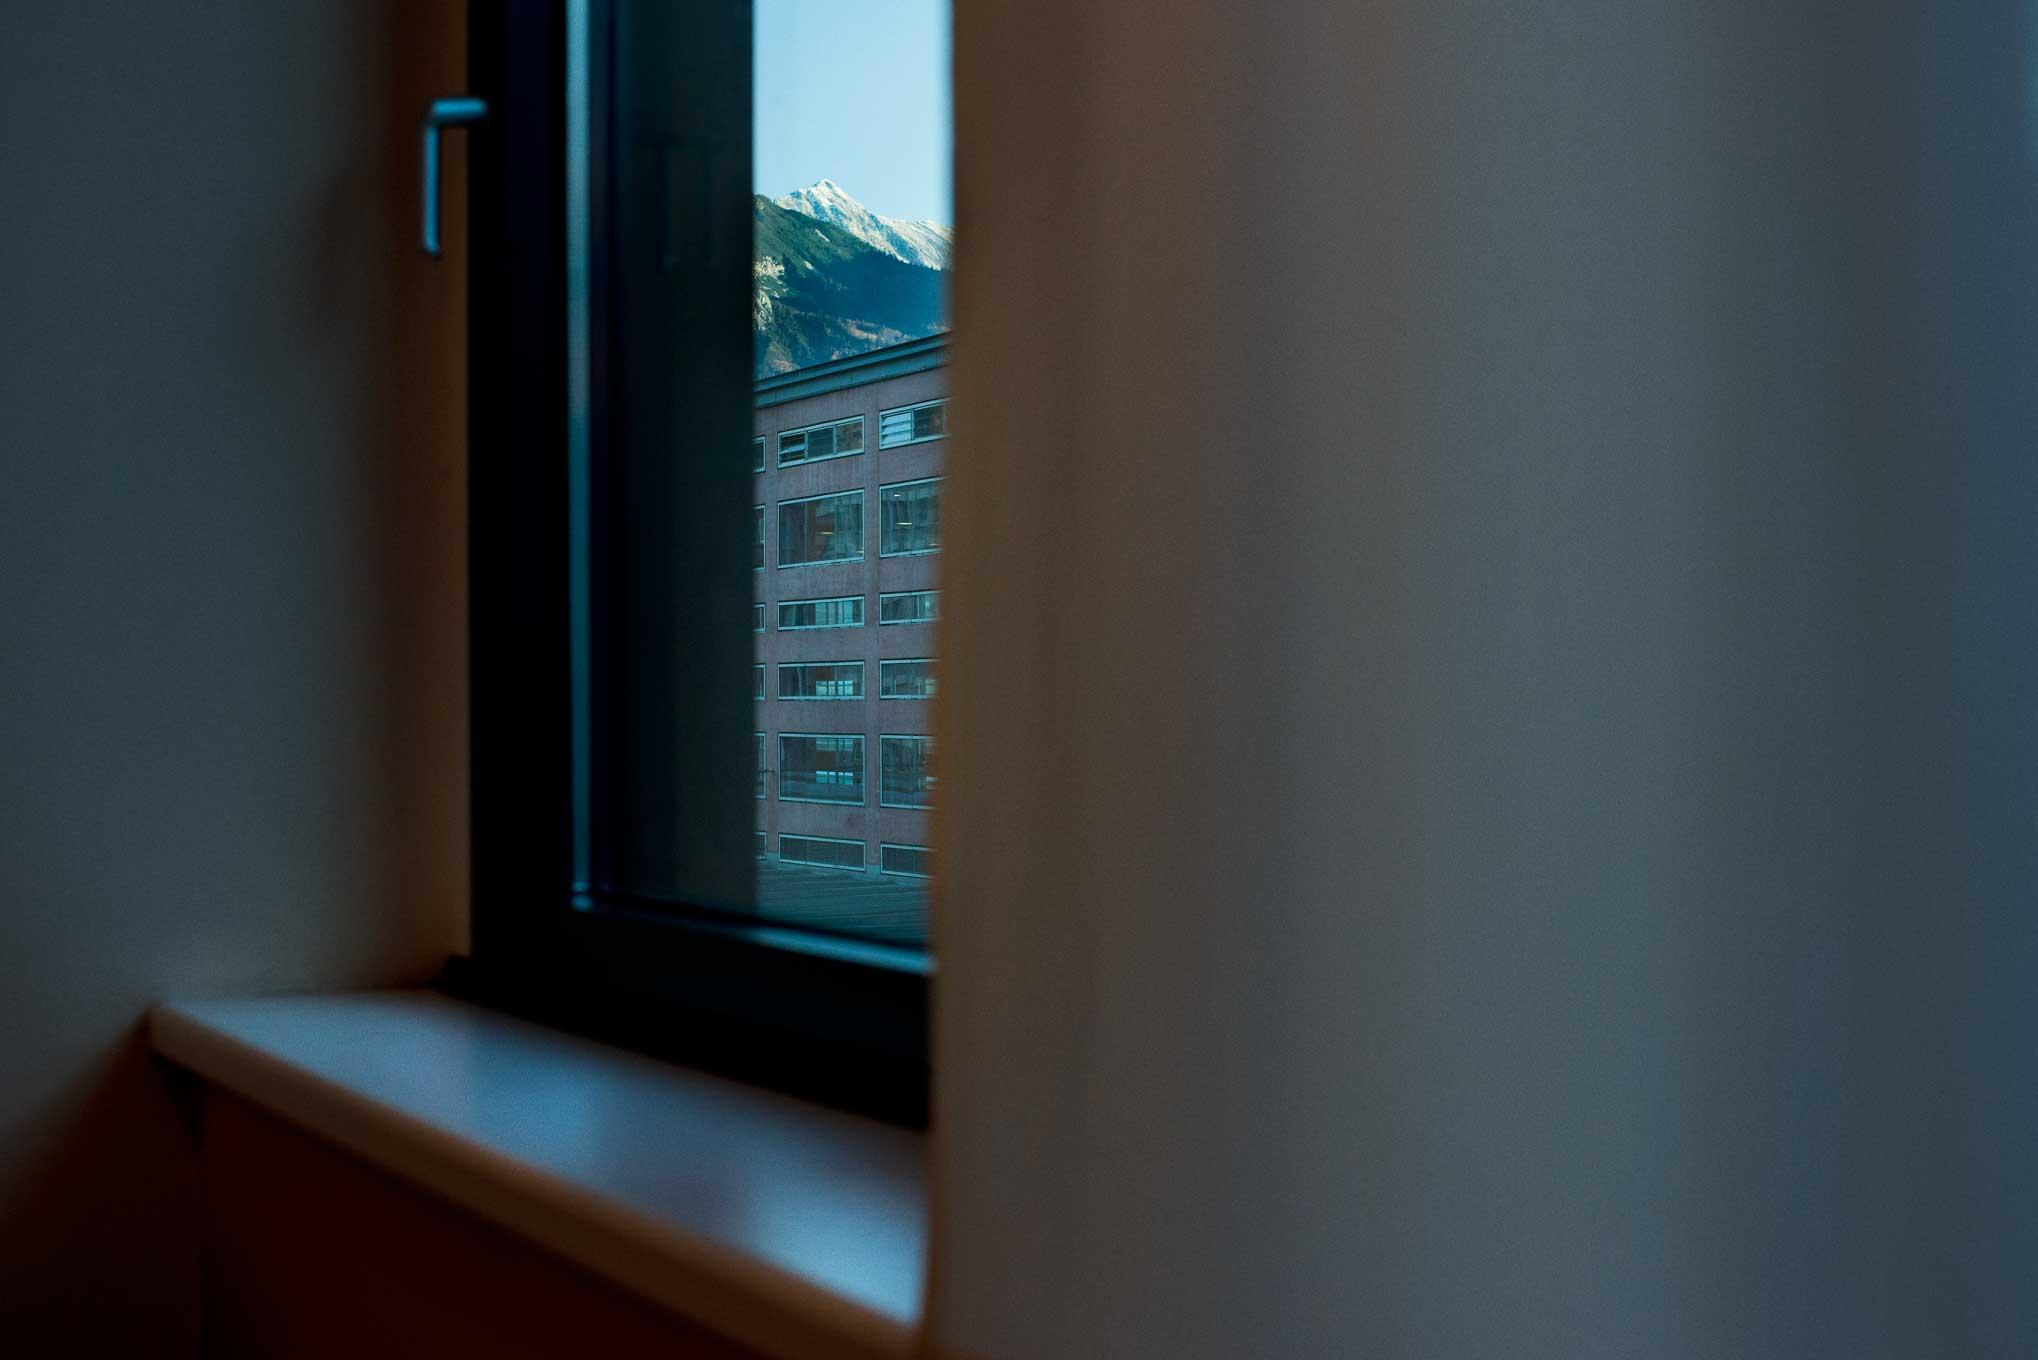 Hotel Room Innsbruck, Austria